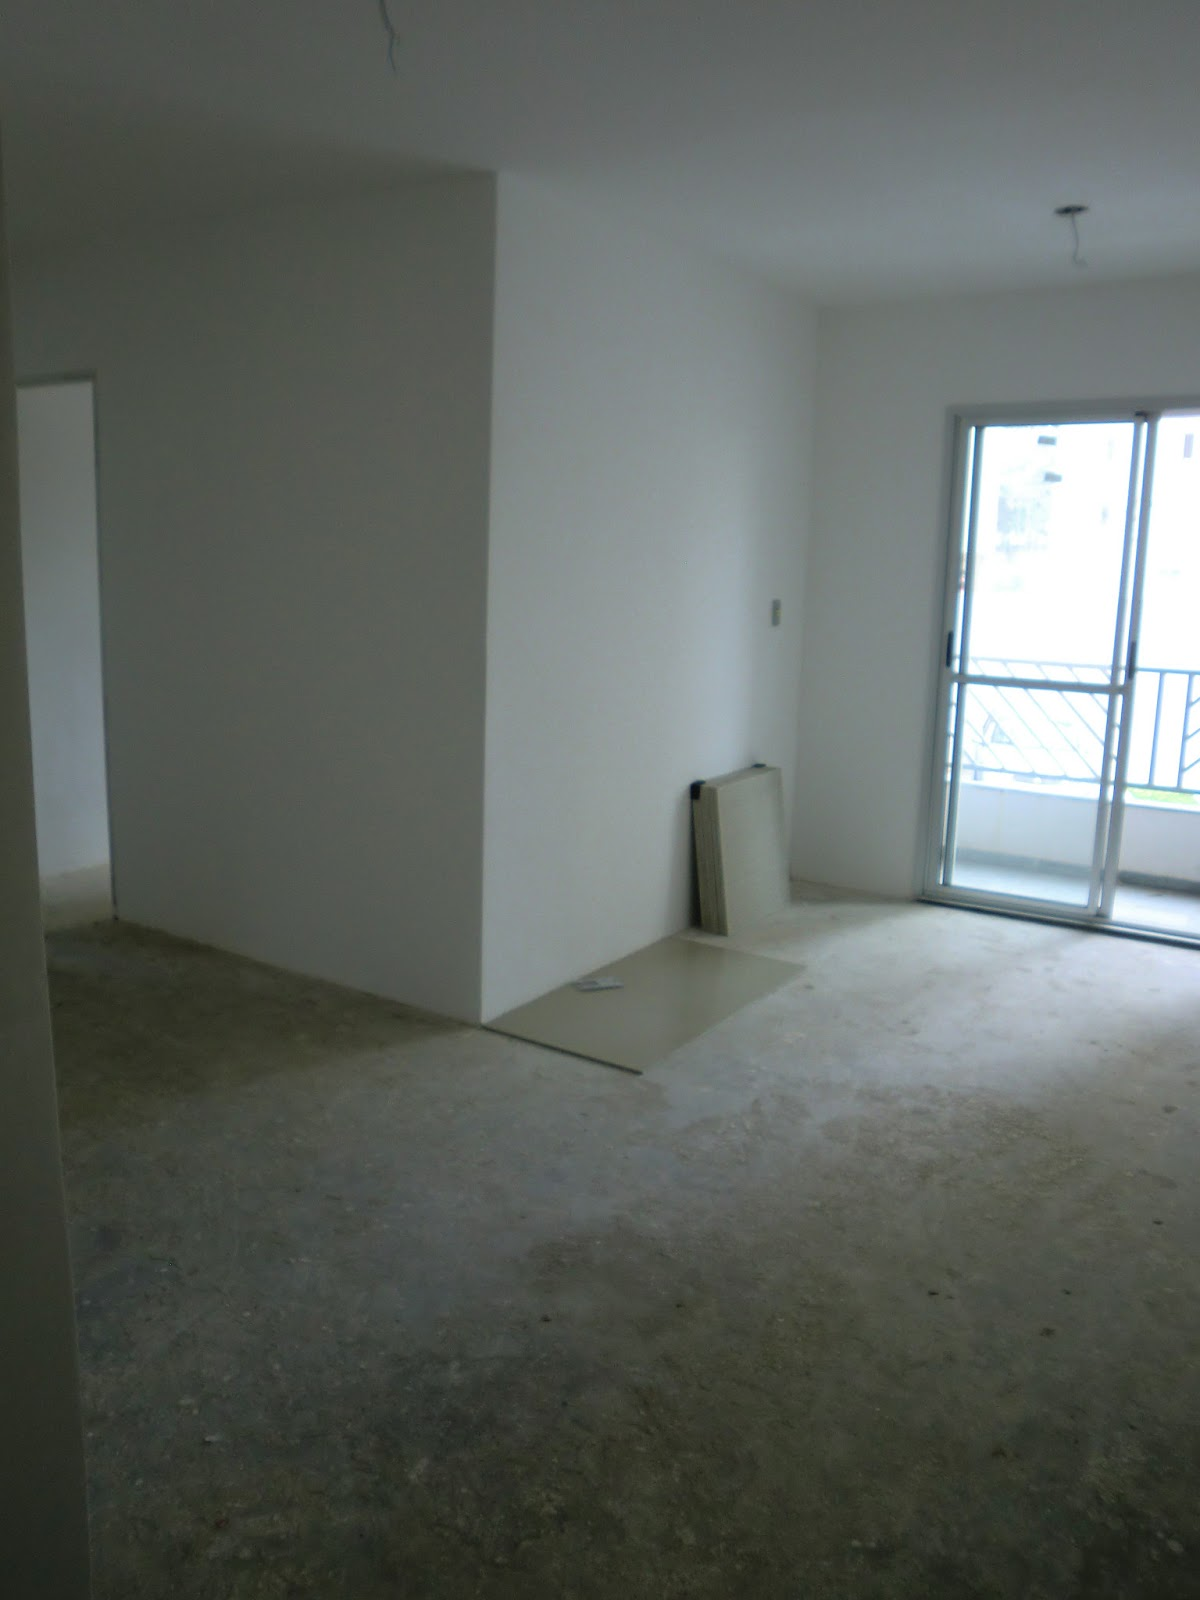 apartamento pequeno o antes da reforma Casa e Reforma #446C88 1200 1600